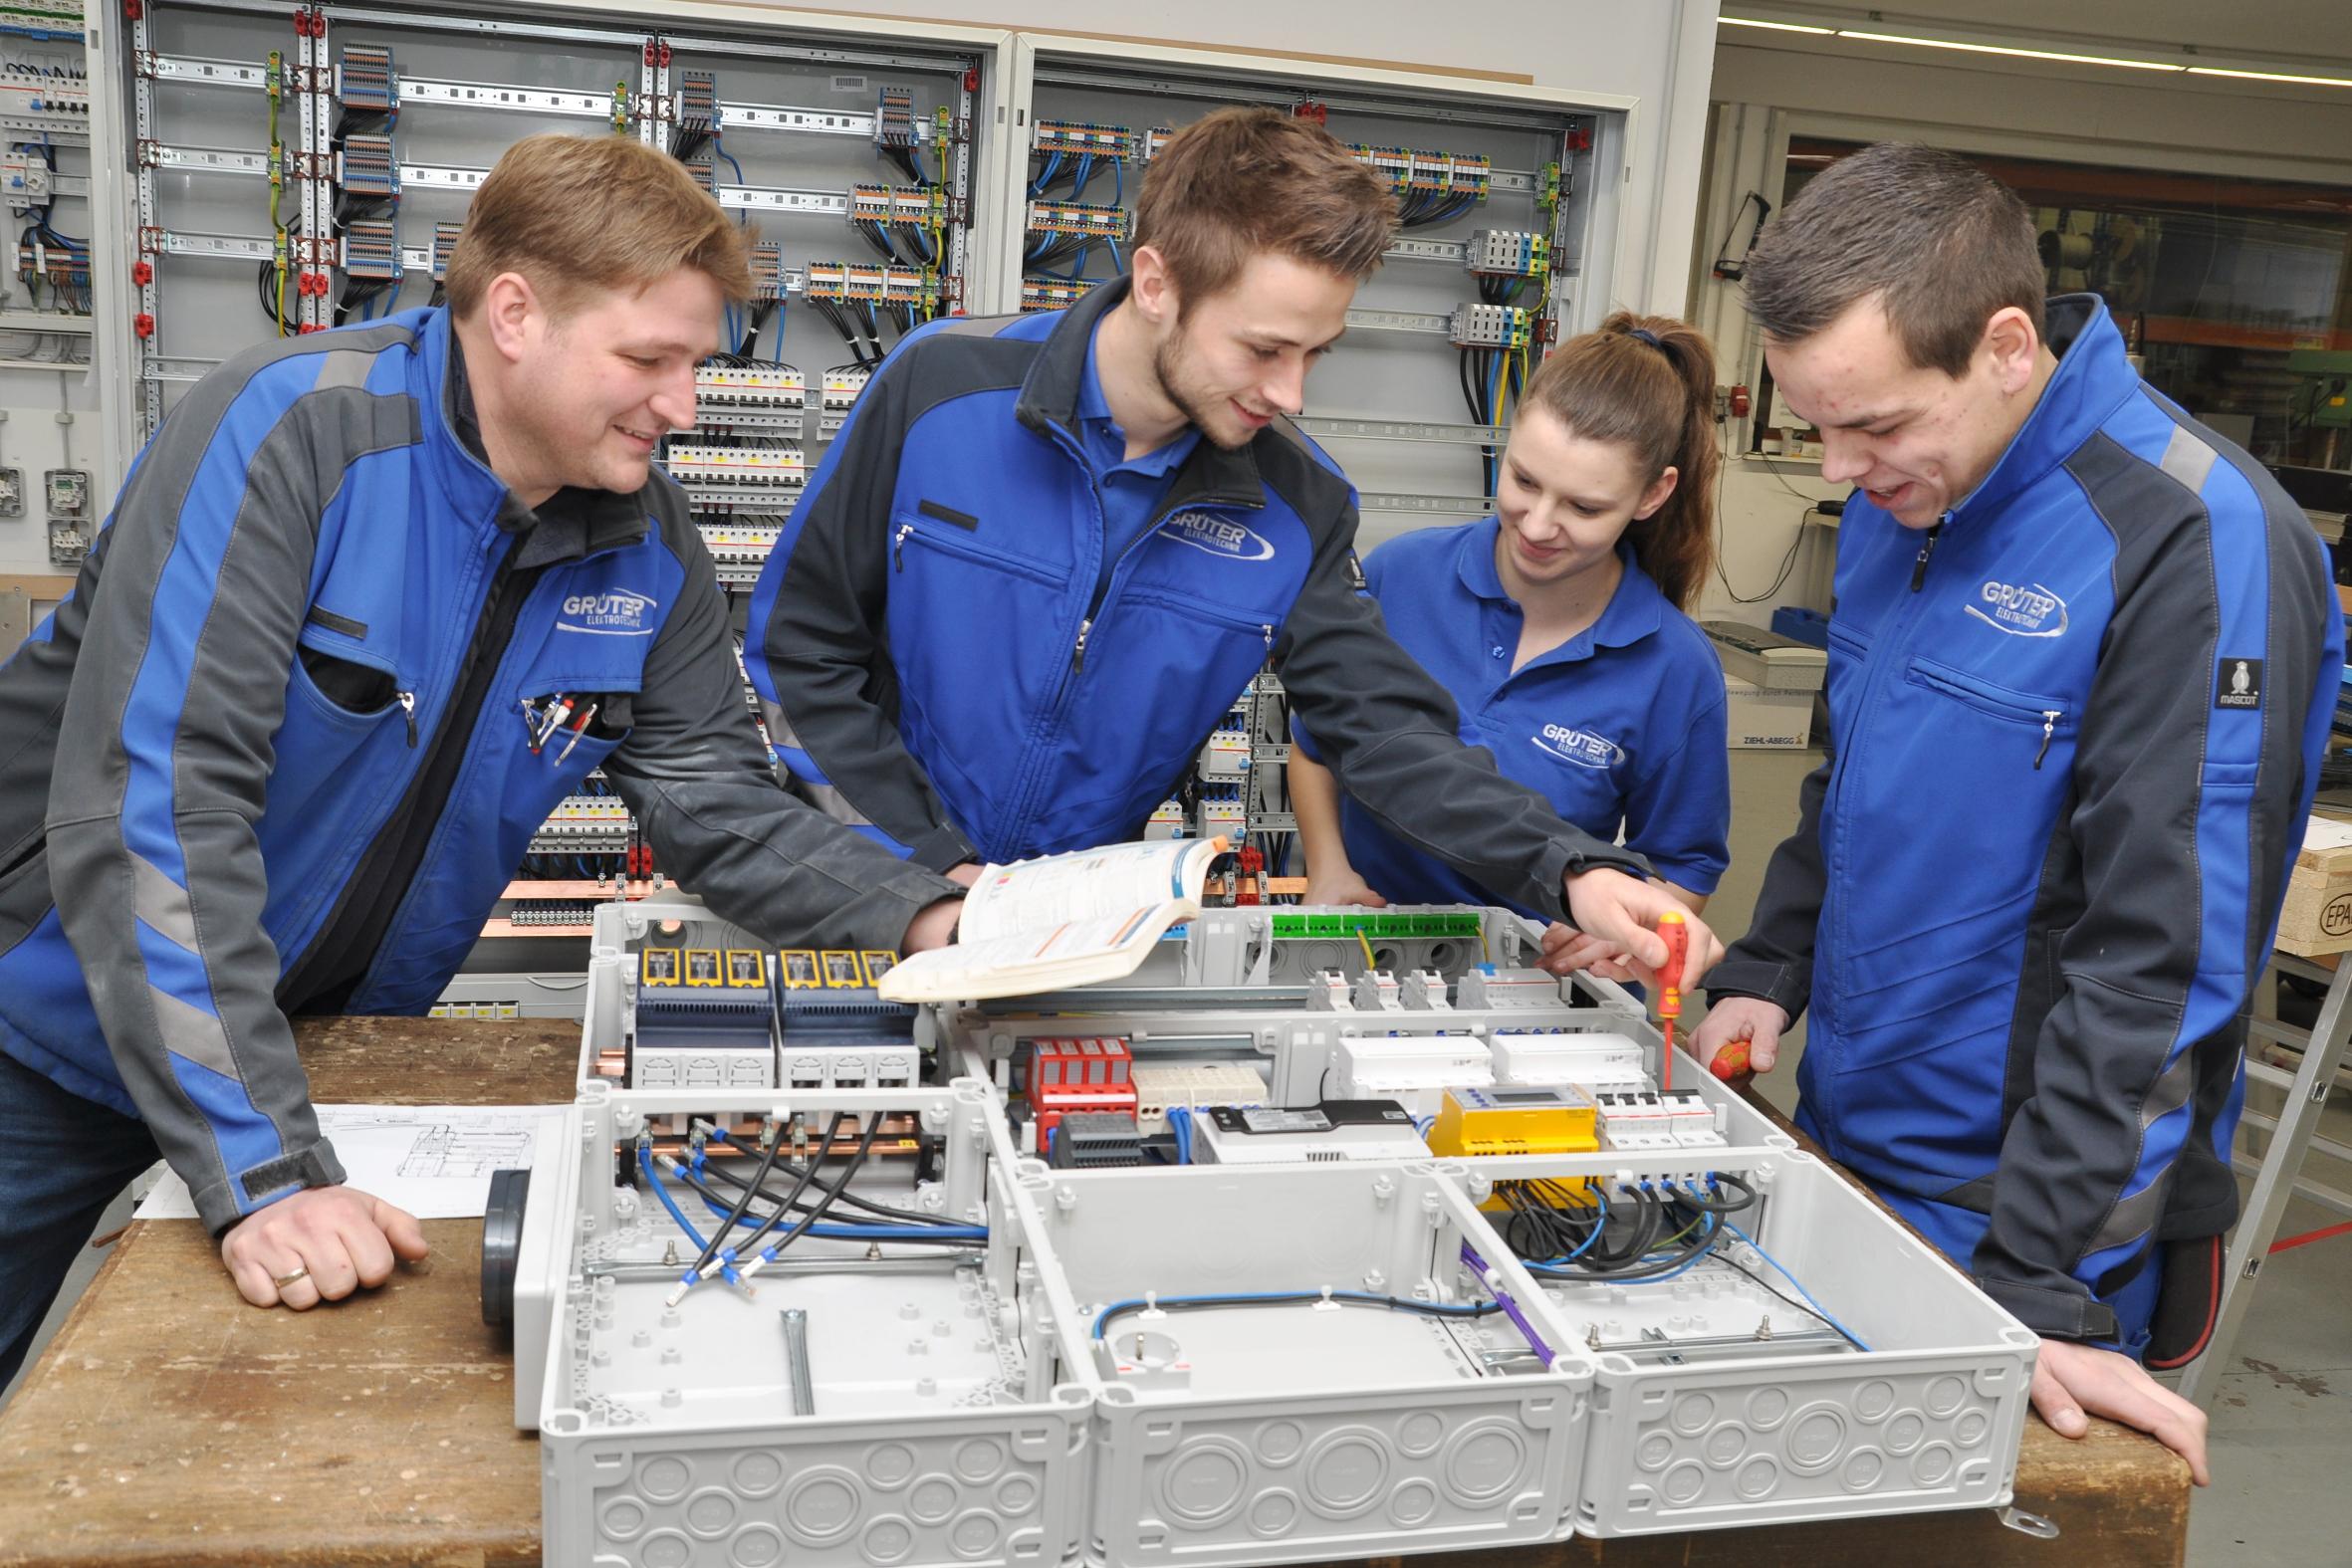 Ausbildungswerkstatt von Elektrotechnik Grüter in Neuenkirchen